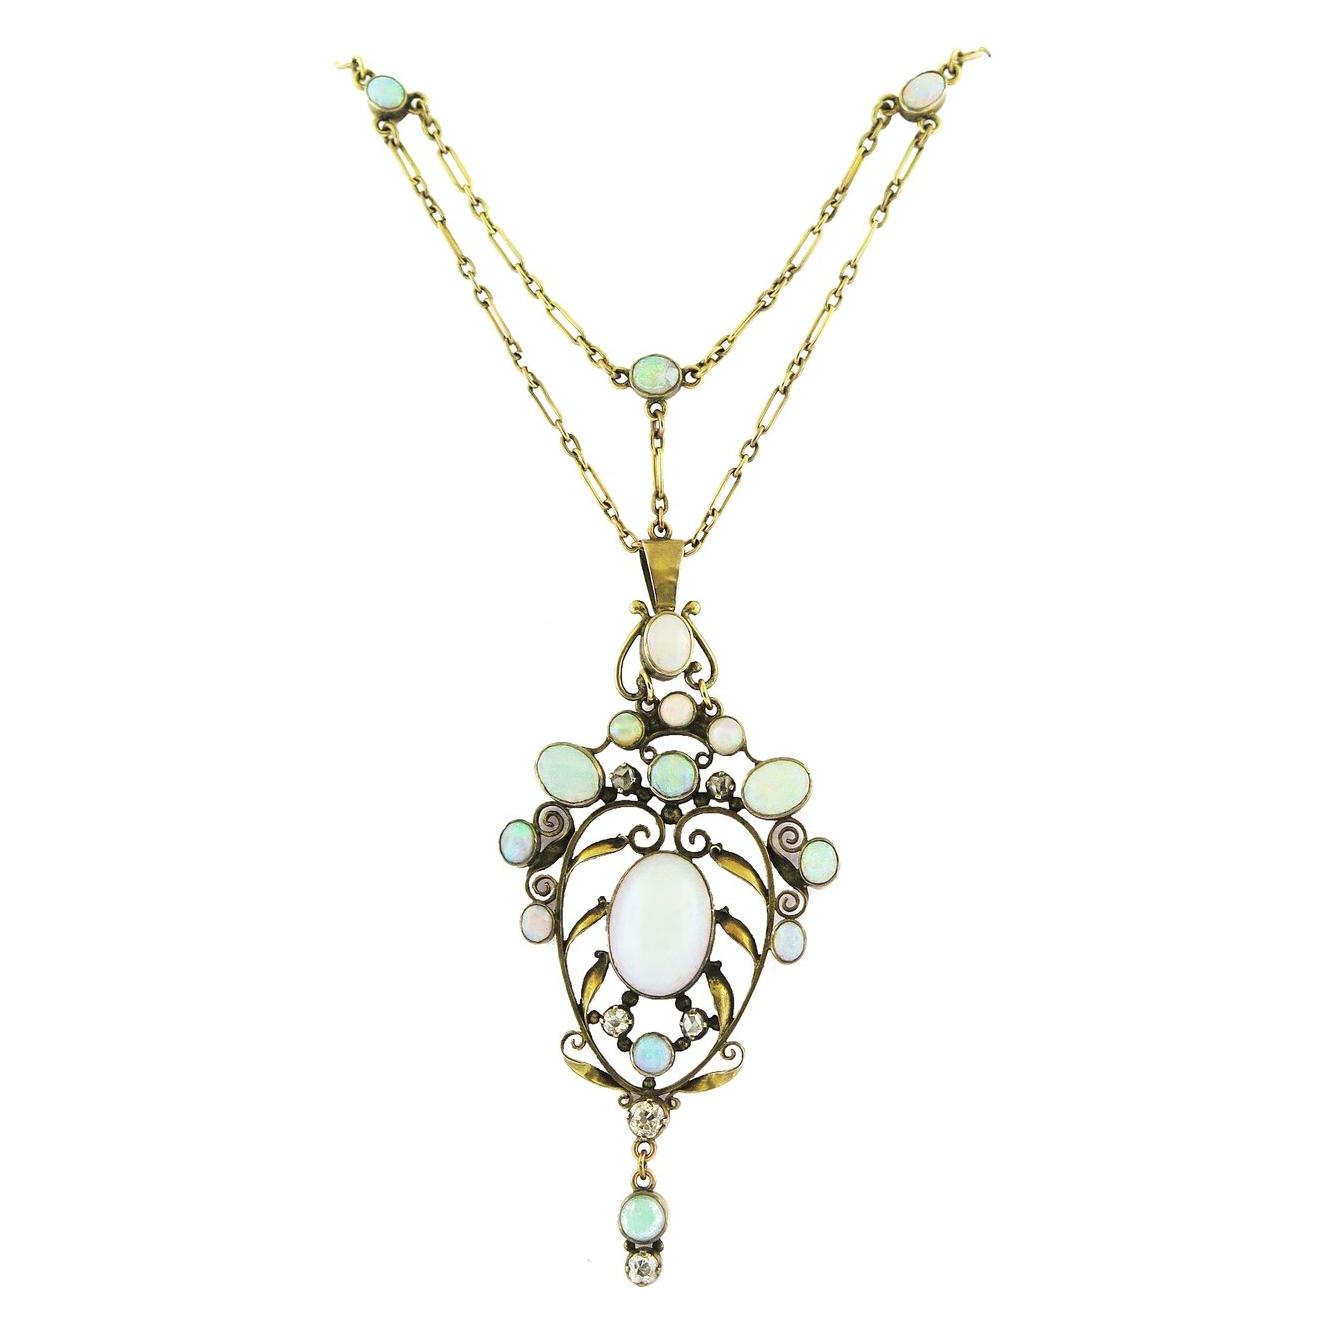 Art Nouveau Opal and Gold Pendant Necklace